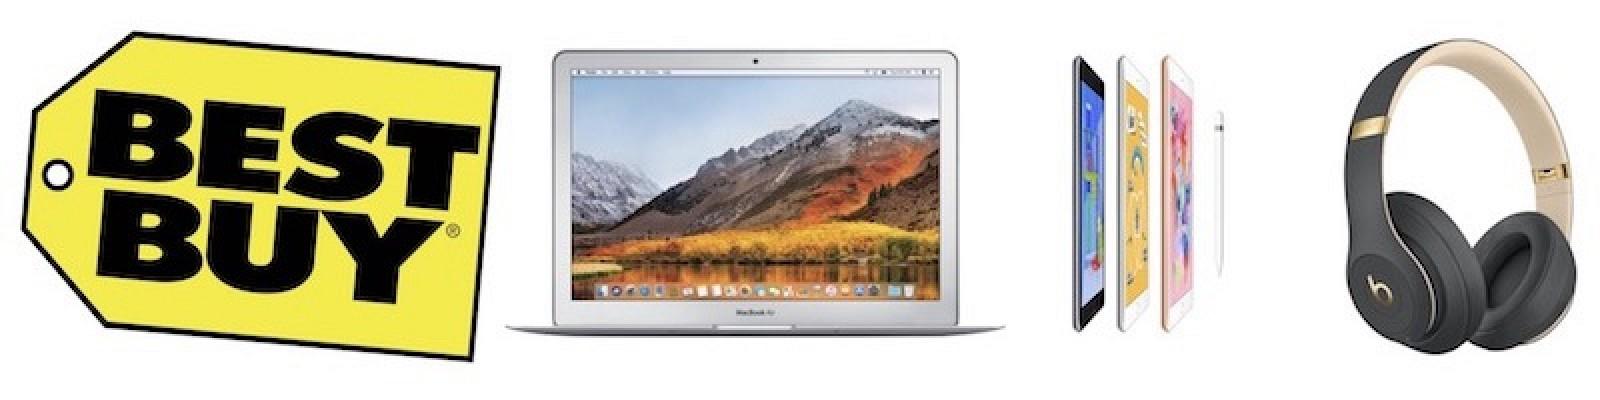 Best buy resume application mac